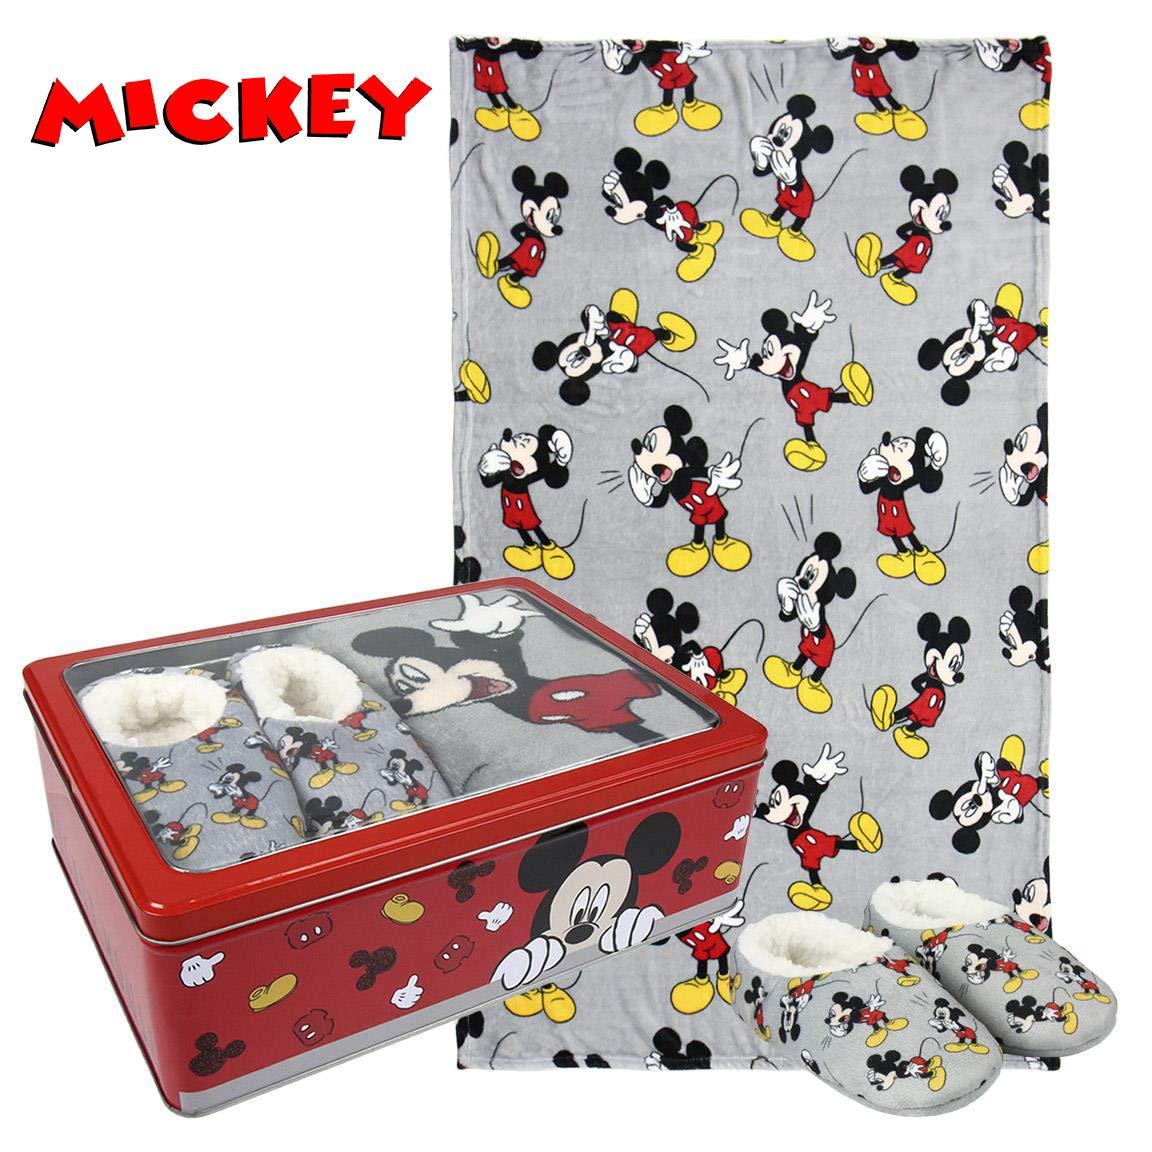 TU Cerd/á 2200-3668 Mickey Caja met/álica Manta+Zapatilla Varios